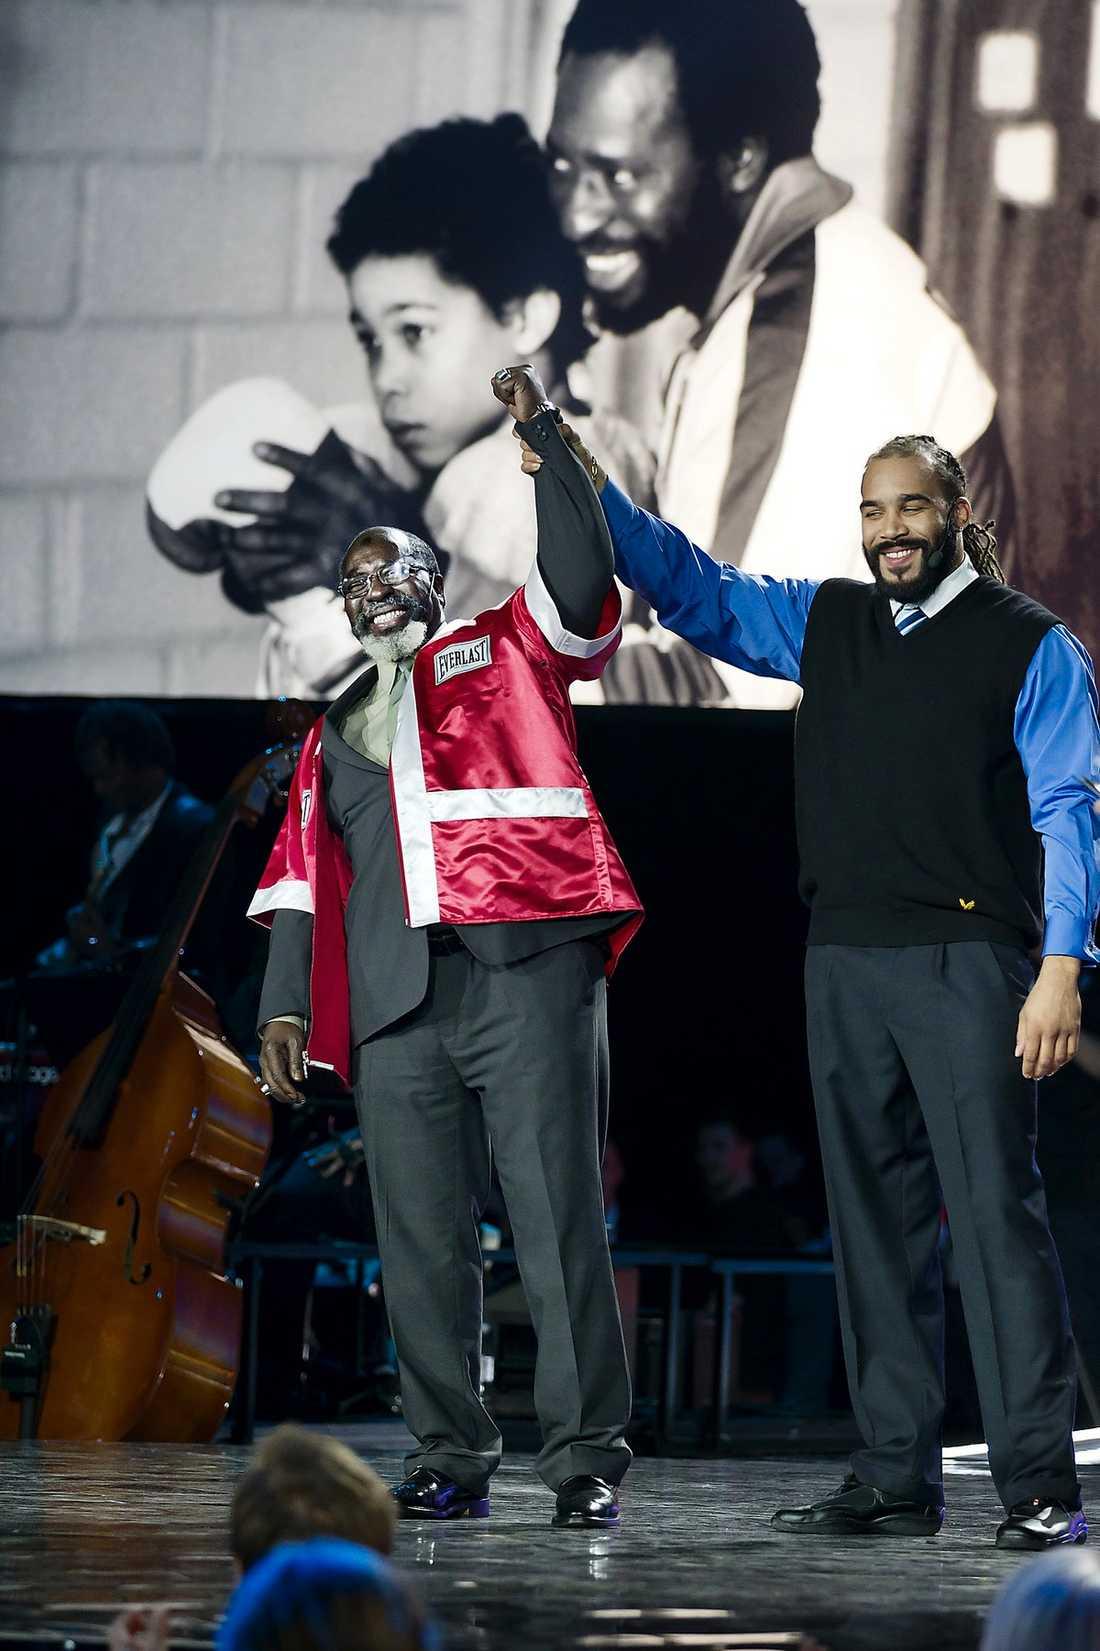 """CHOCK NUMMER 2  Inte nog med att """"Dallas"""" vann pris för sin livsgärning. Proffsboxaren Ismael Koné dök upp för att hedra sin gamla tränare."""